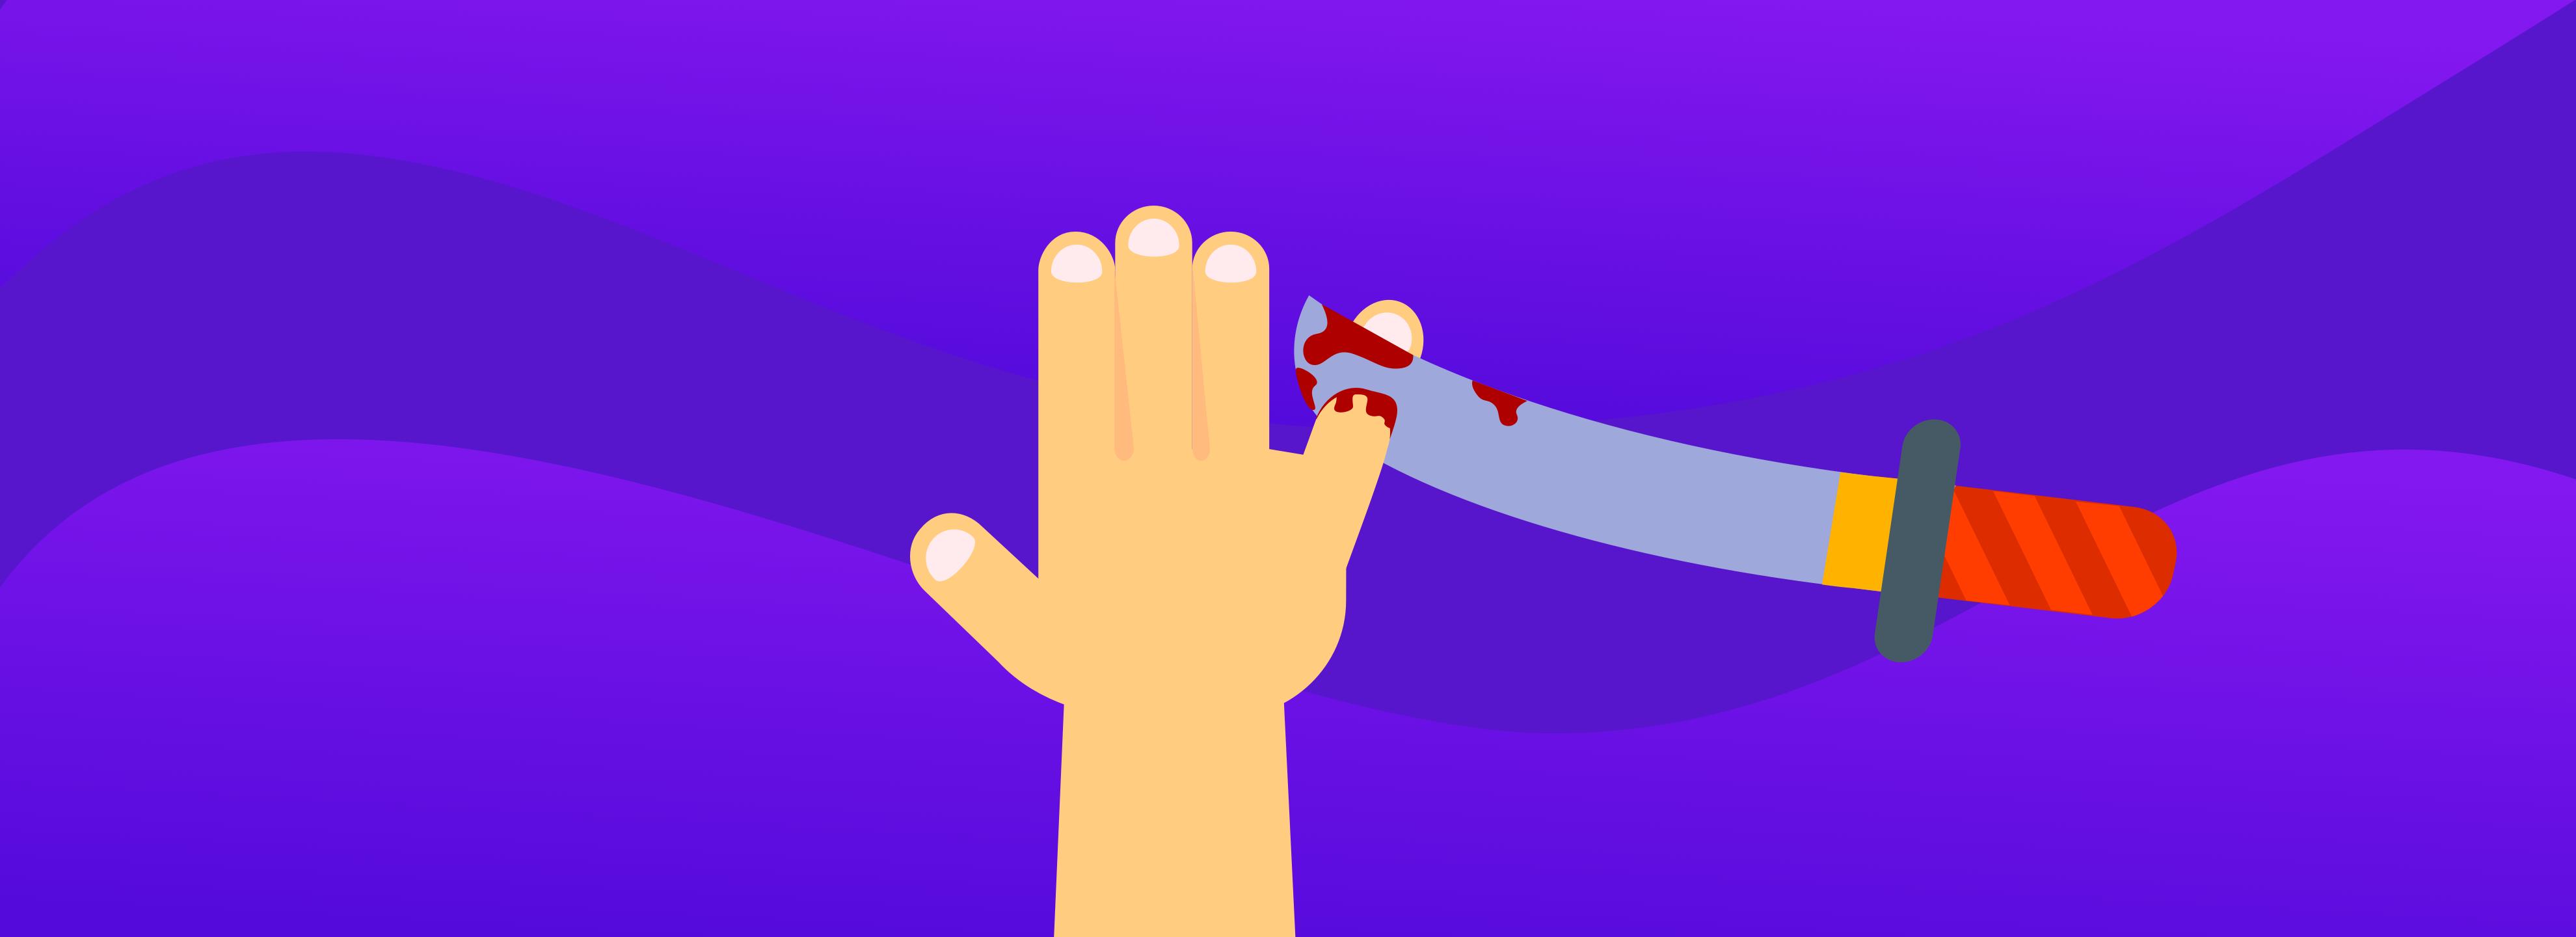 [Из песочницы] Горящий дедлайн: как проджект-менеджеру не лишиться пальцев